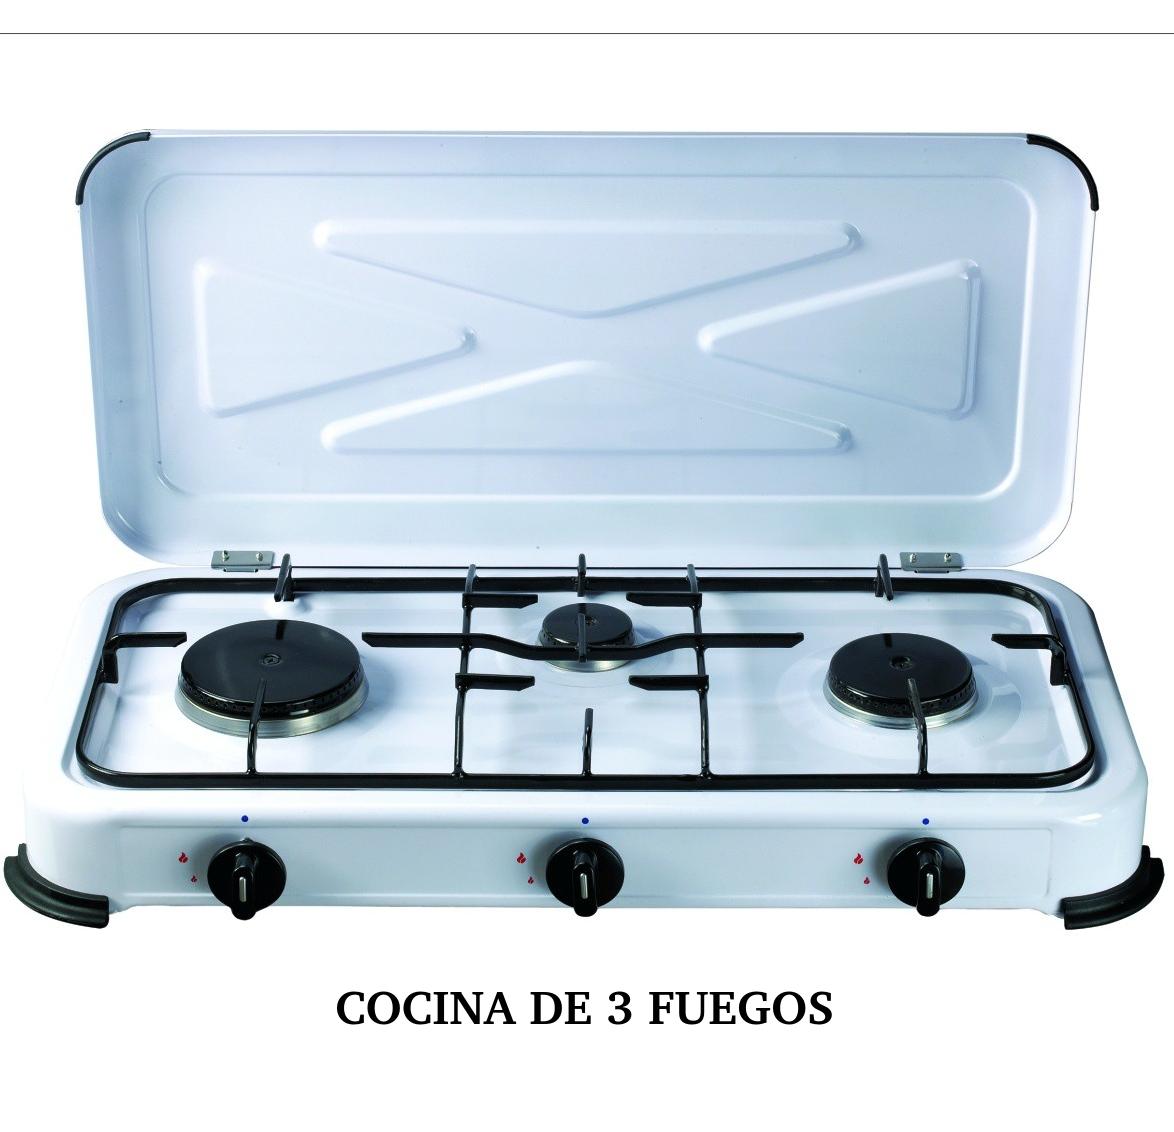 Cocina de gas butano sharemedoc for Cocina de gas profesional